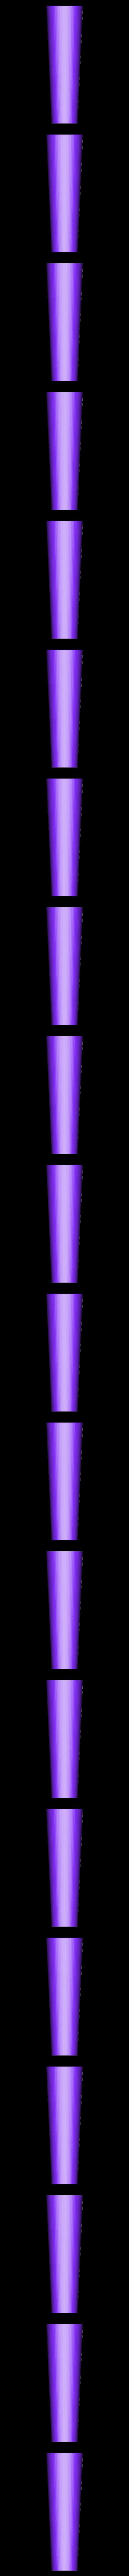 Thumper_body_1.stl Télécharger fichier STL gratuit Dune Thumper - au travail • Design à imprimer en 3D, poblocki1982